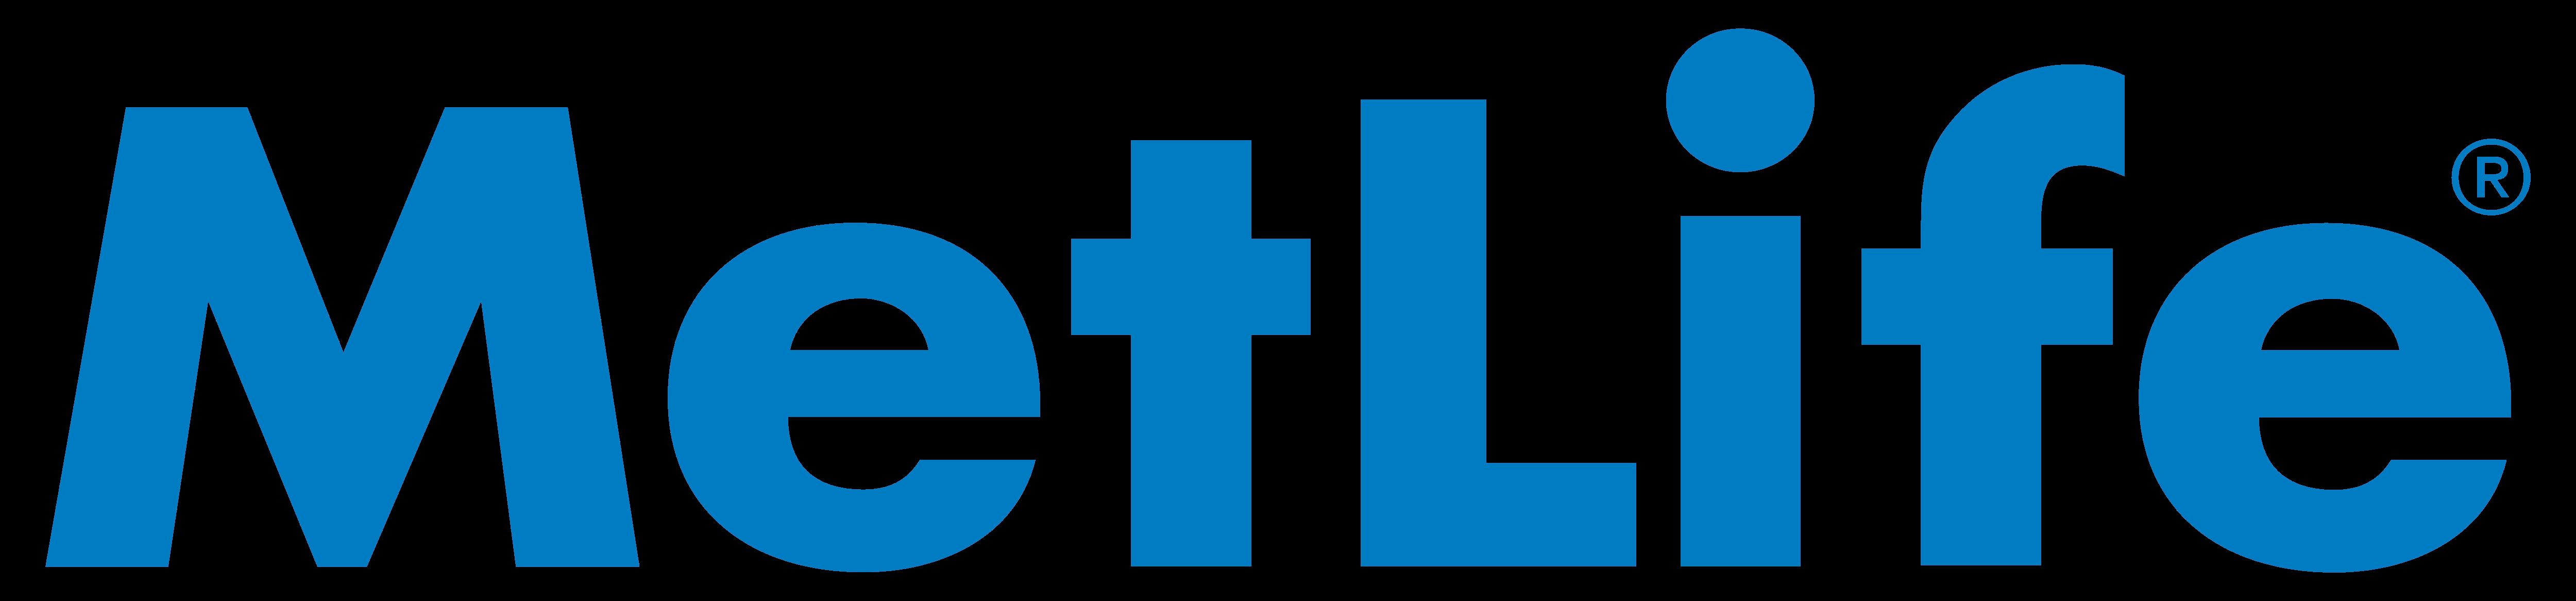 metlife-1